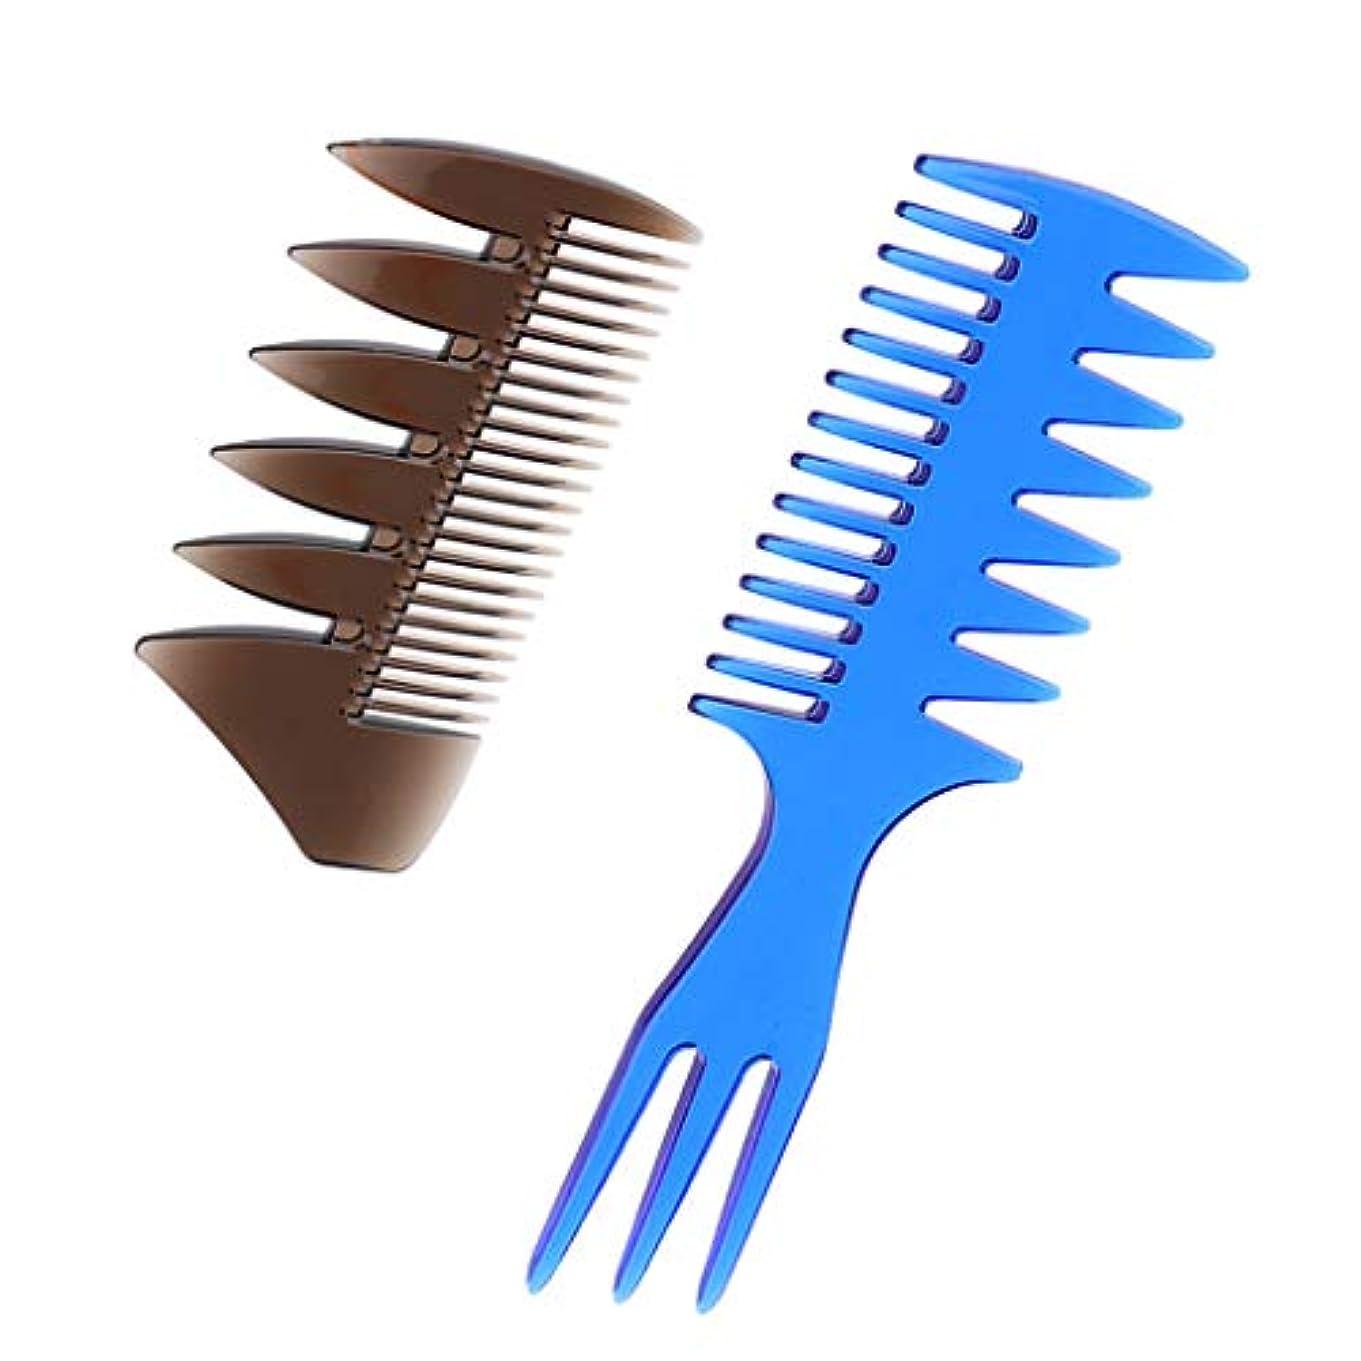 故国木製信頼Toygogo 2ピースデュアルサイドおよび3ウェイメンズオイルヘアピックコームサロンダイサロン理髪スタイリング